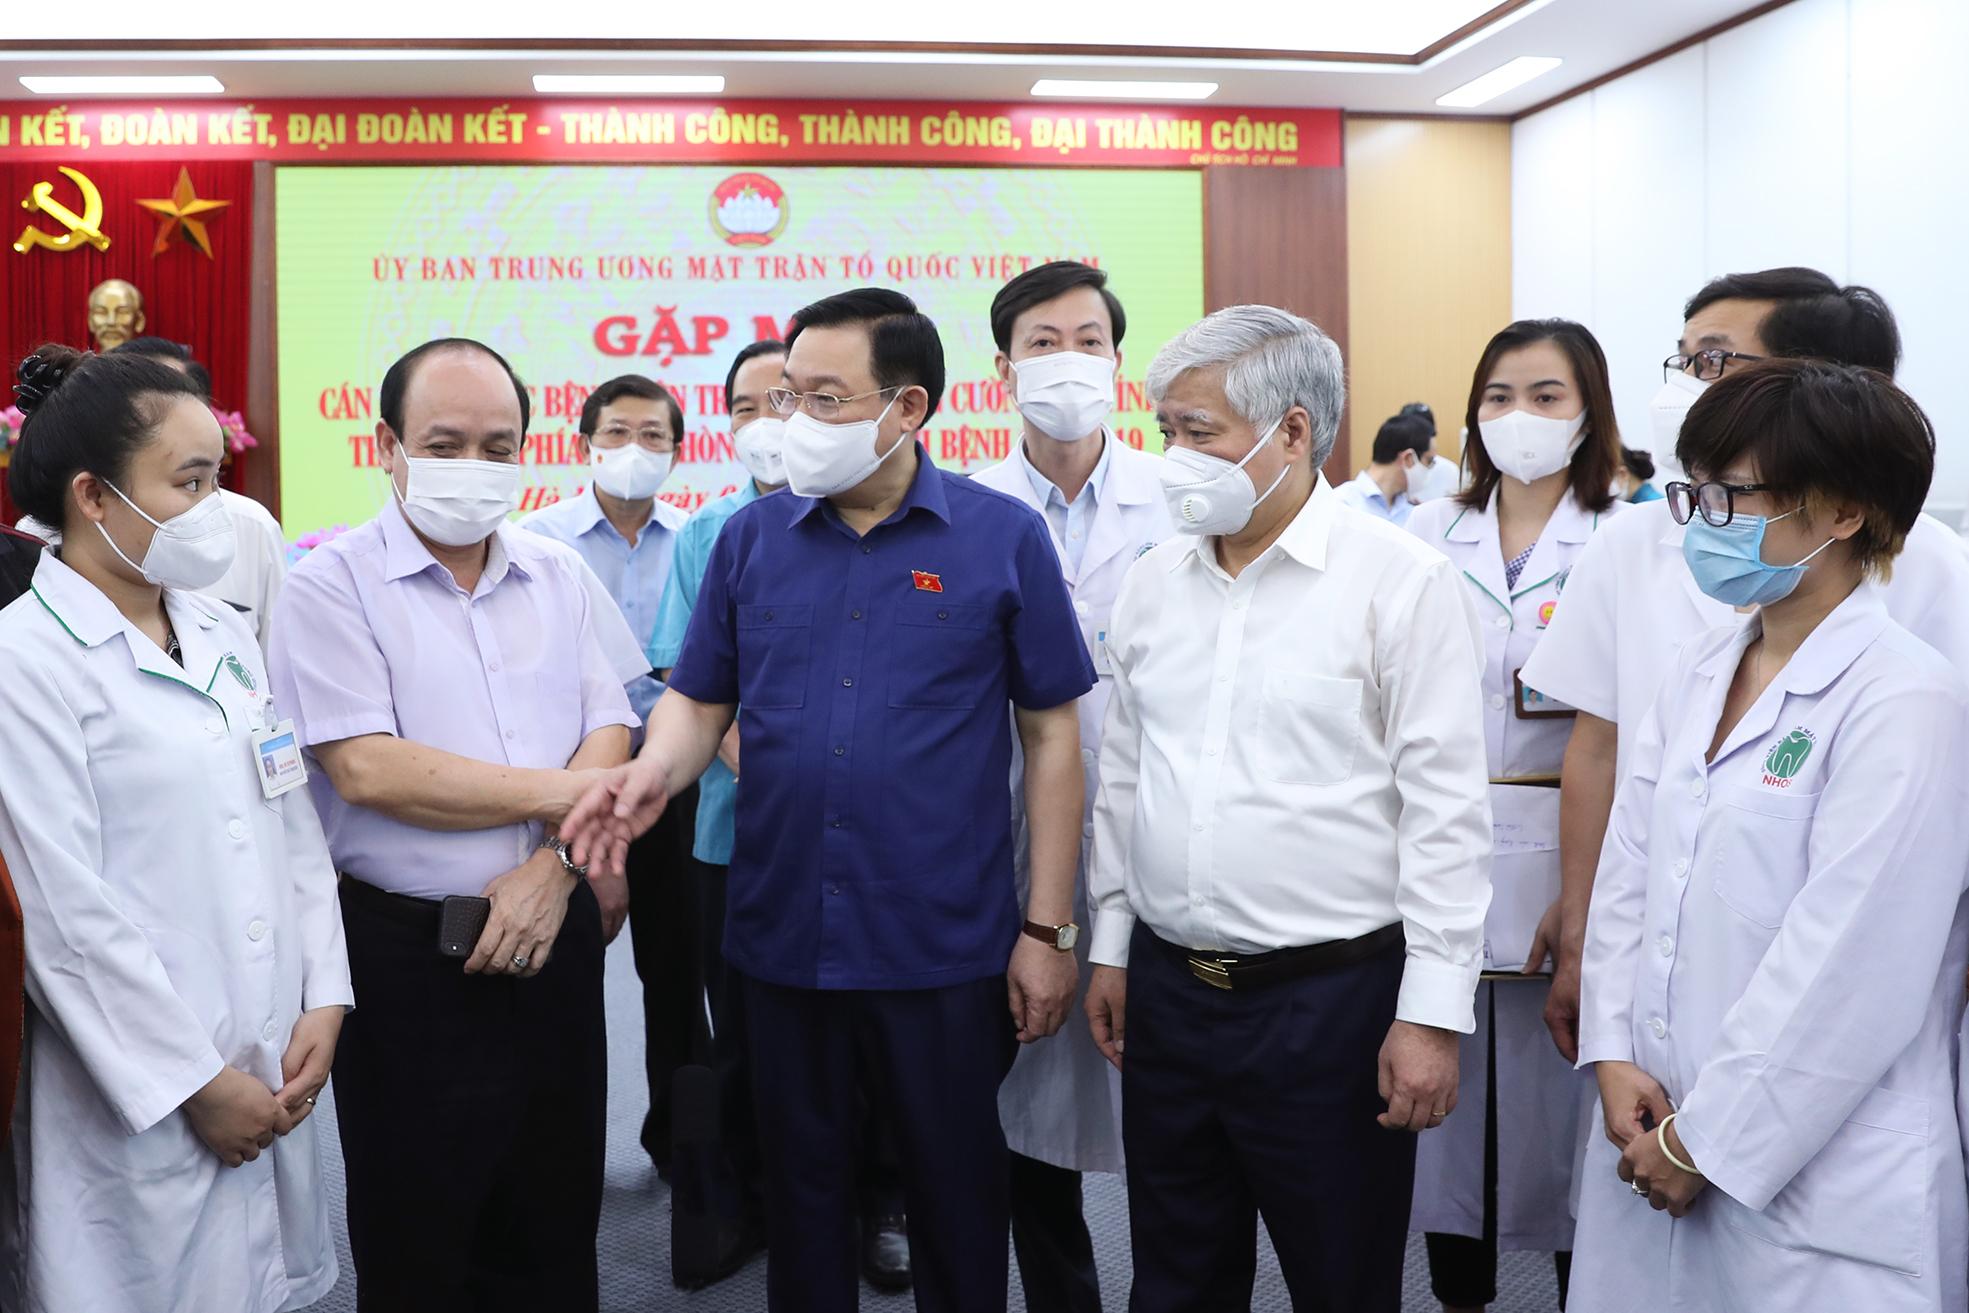 Thêm 3.000 y bác sĩ Trung ương vào Nam chống dịch Covid-19